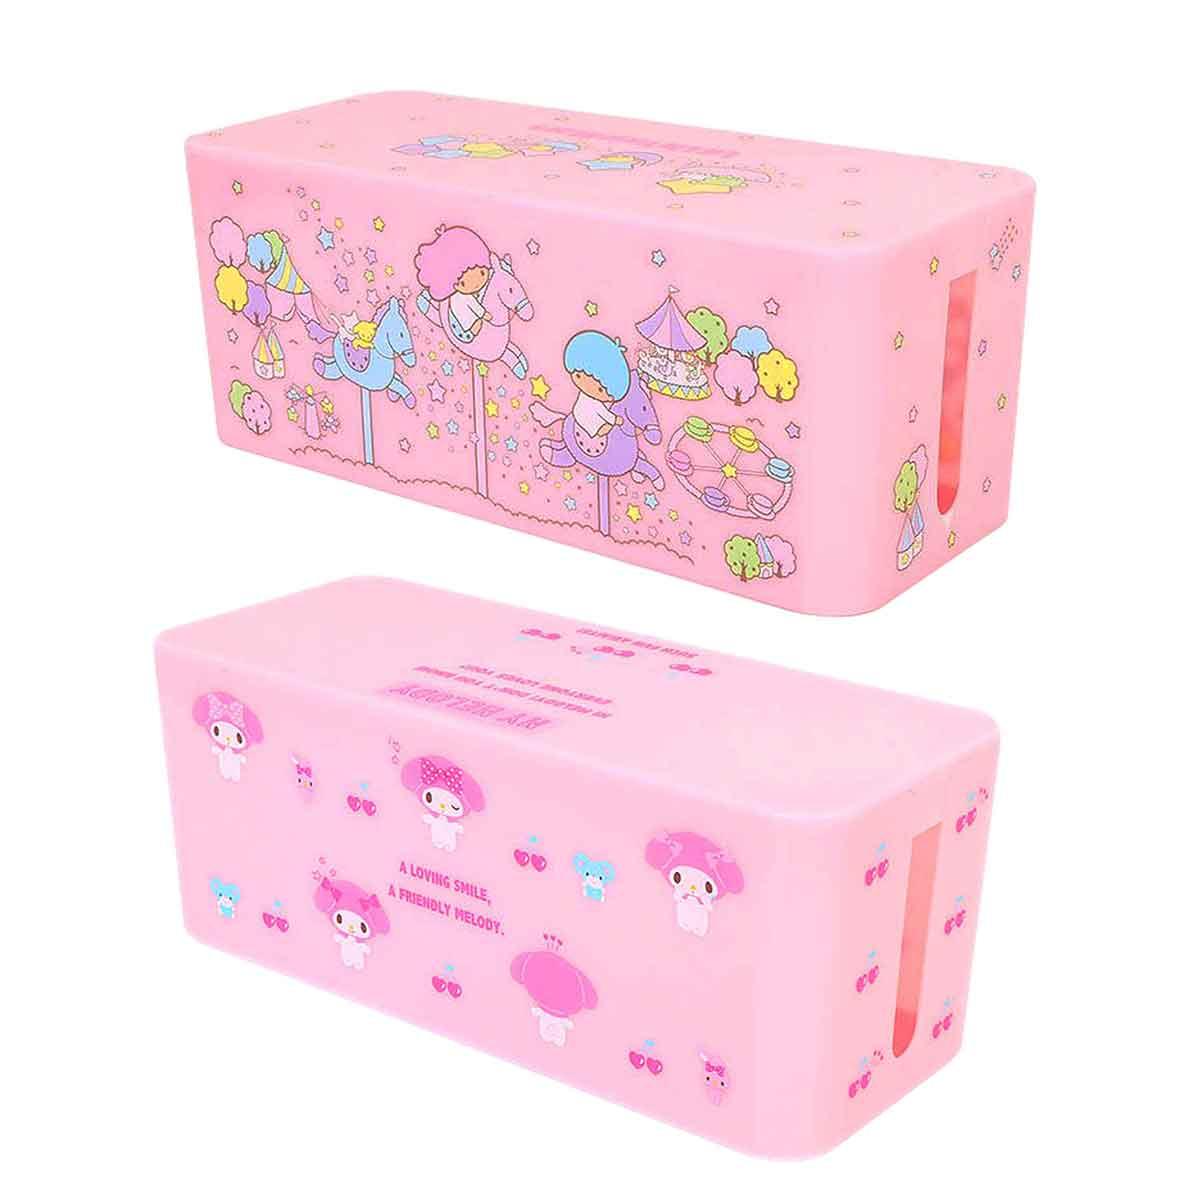 延長線收納盒 Sanrio Original 美樂蒂 kikilala 整線盒 日本進口正版授權